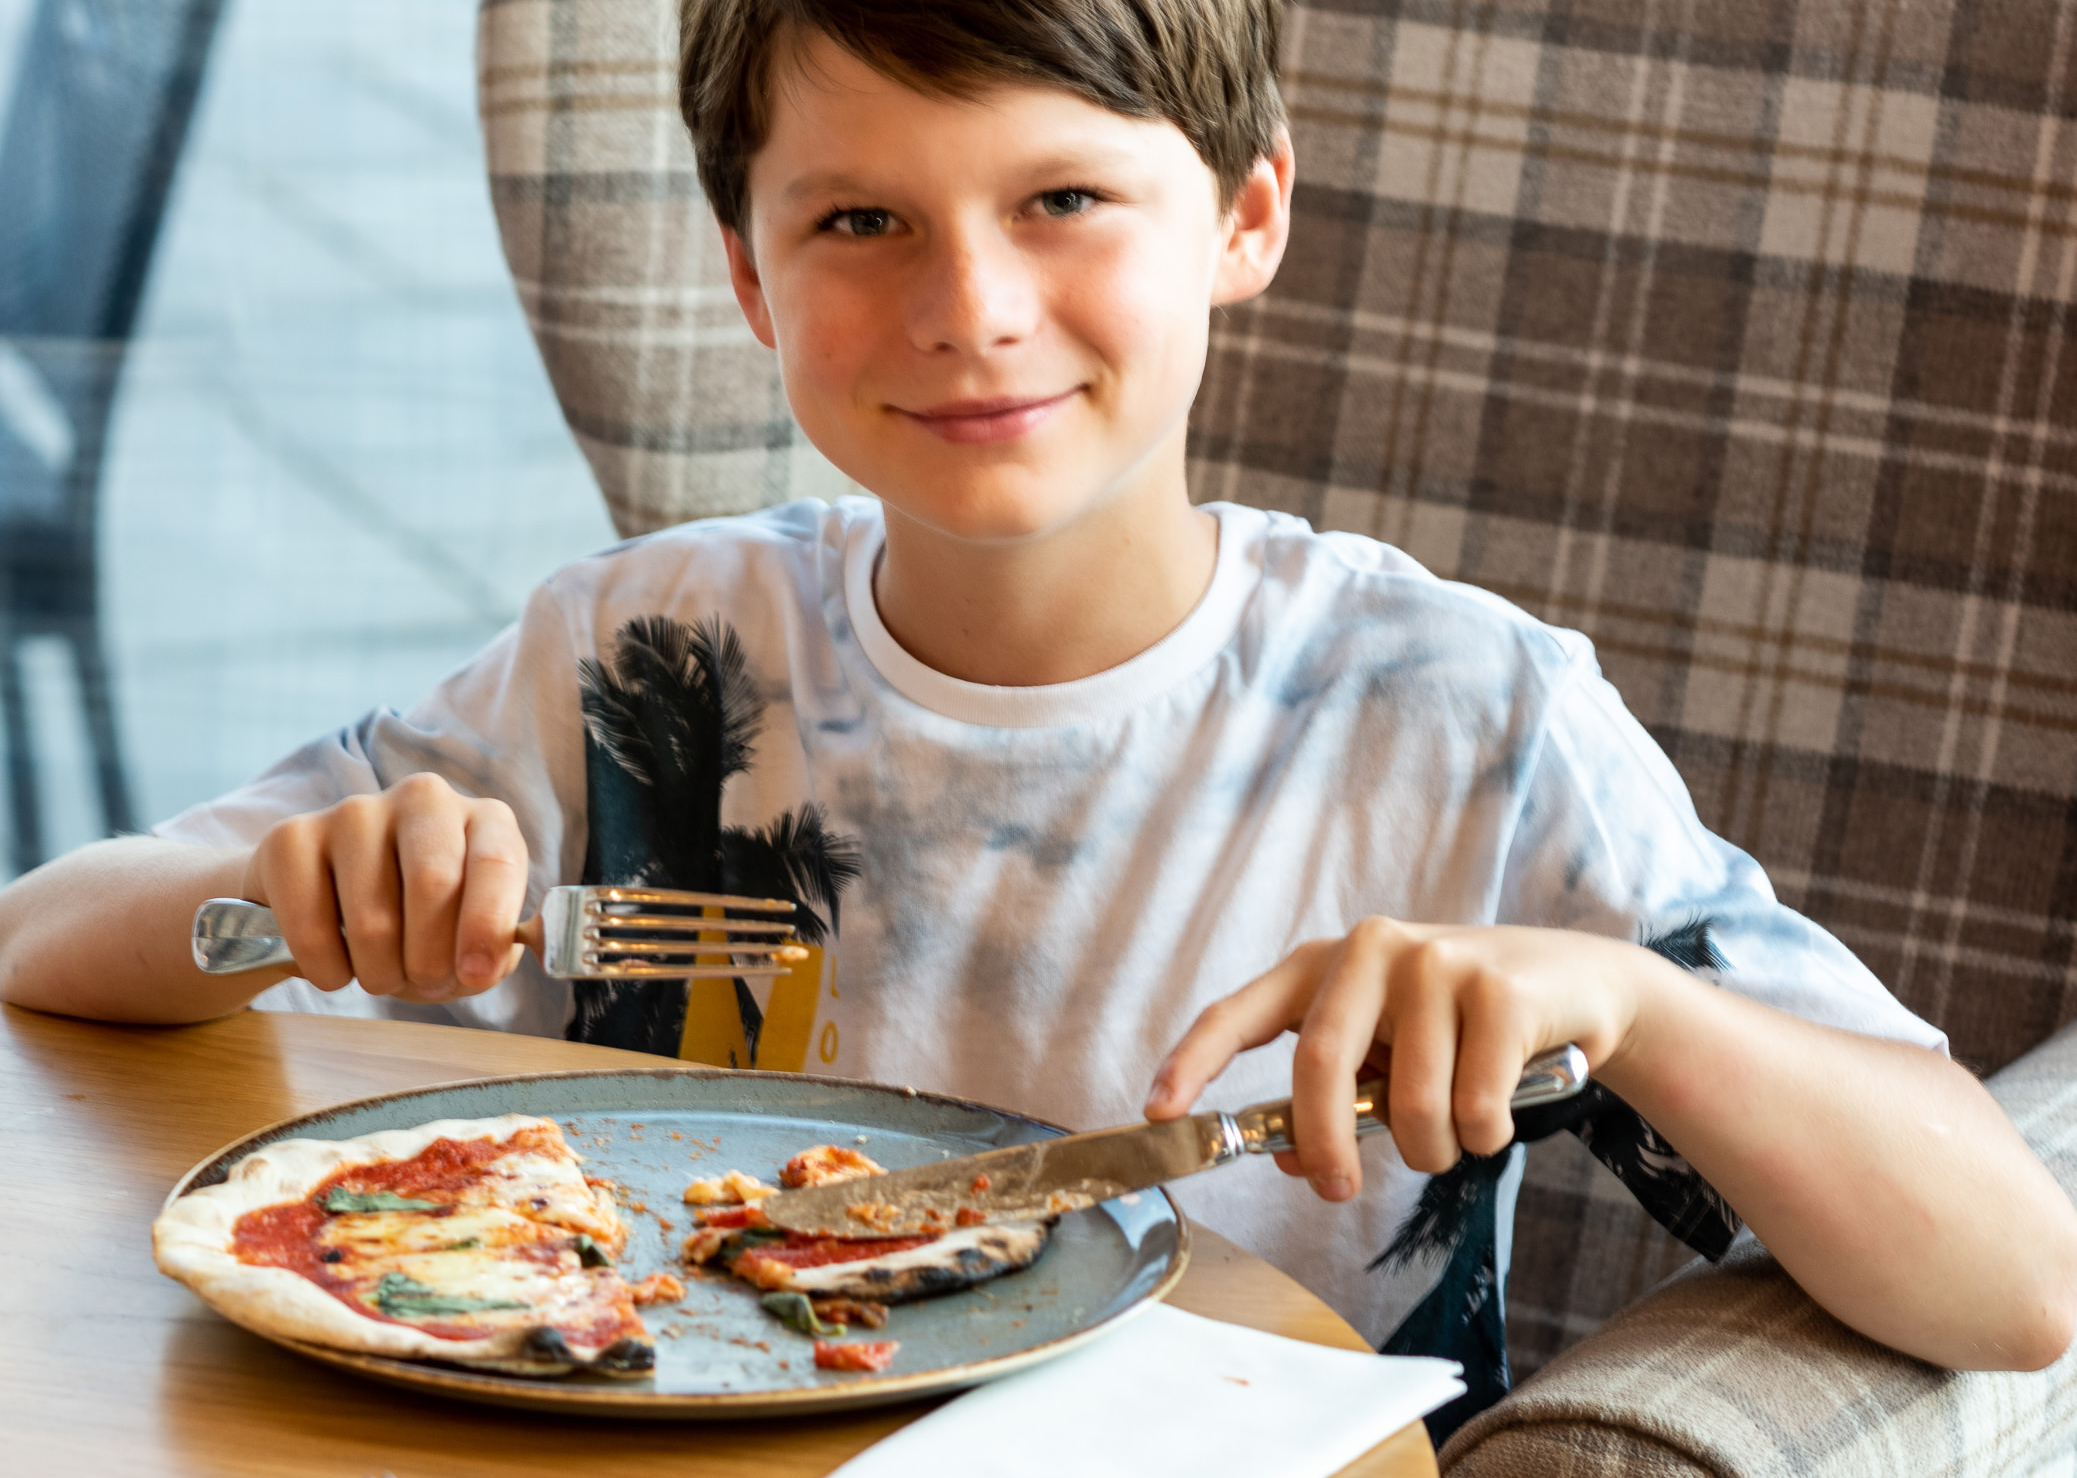 Children's Pizza